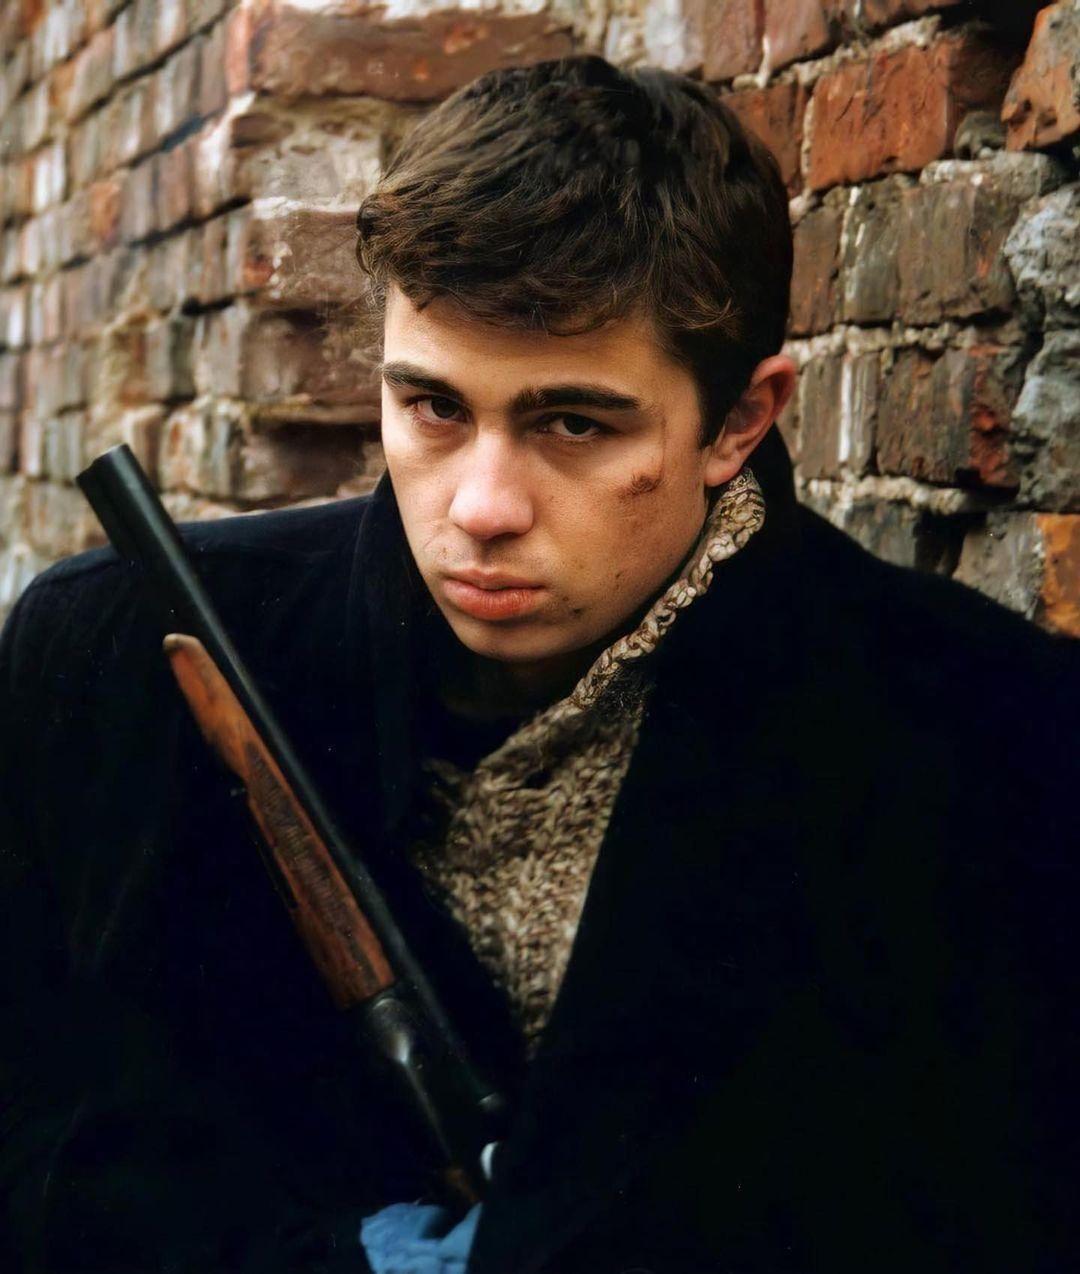 Ровно 19 лет назад актер и режиссер Сергей Бодров вместе со своей съемочной группой пропал без вести в Кармадонском ущелье во время схода ледника Колка.